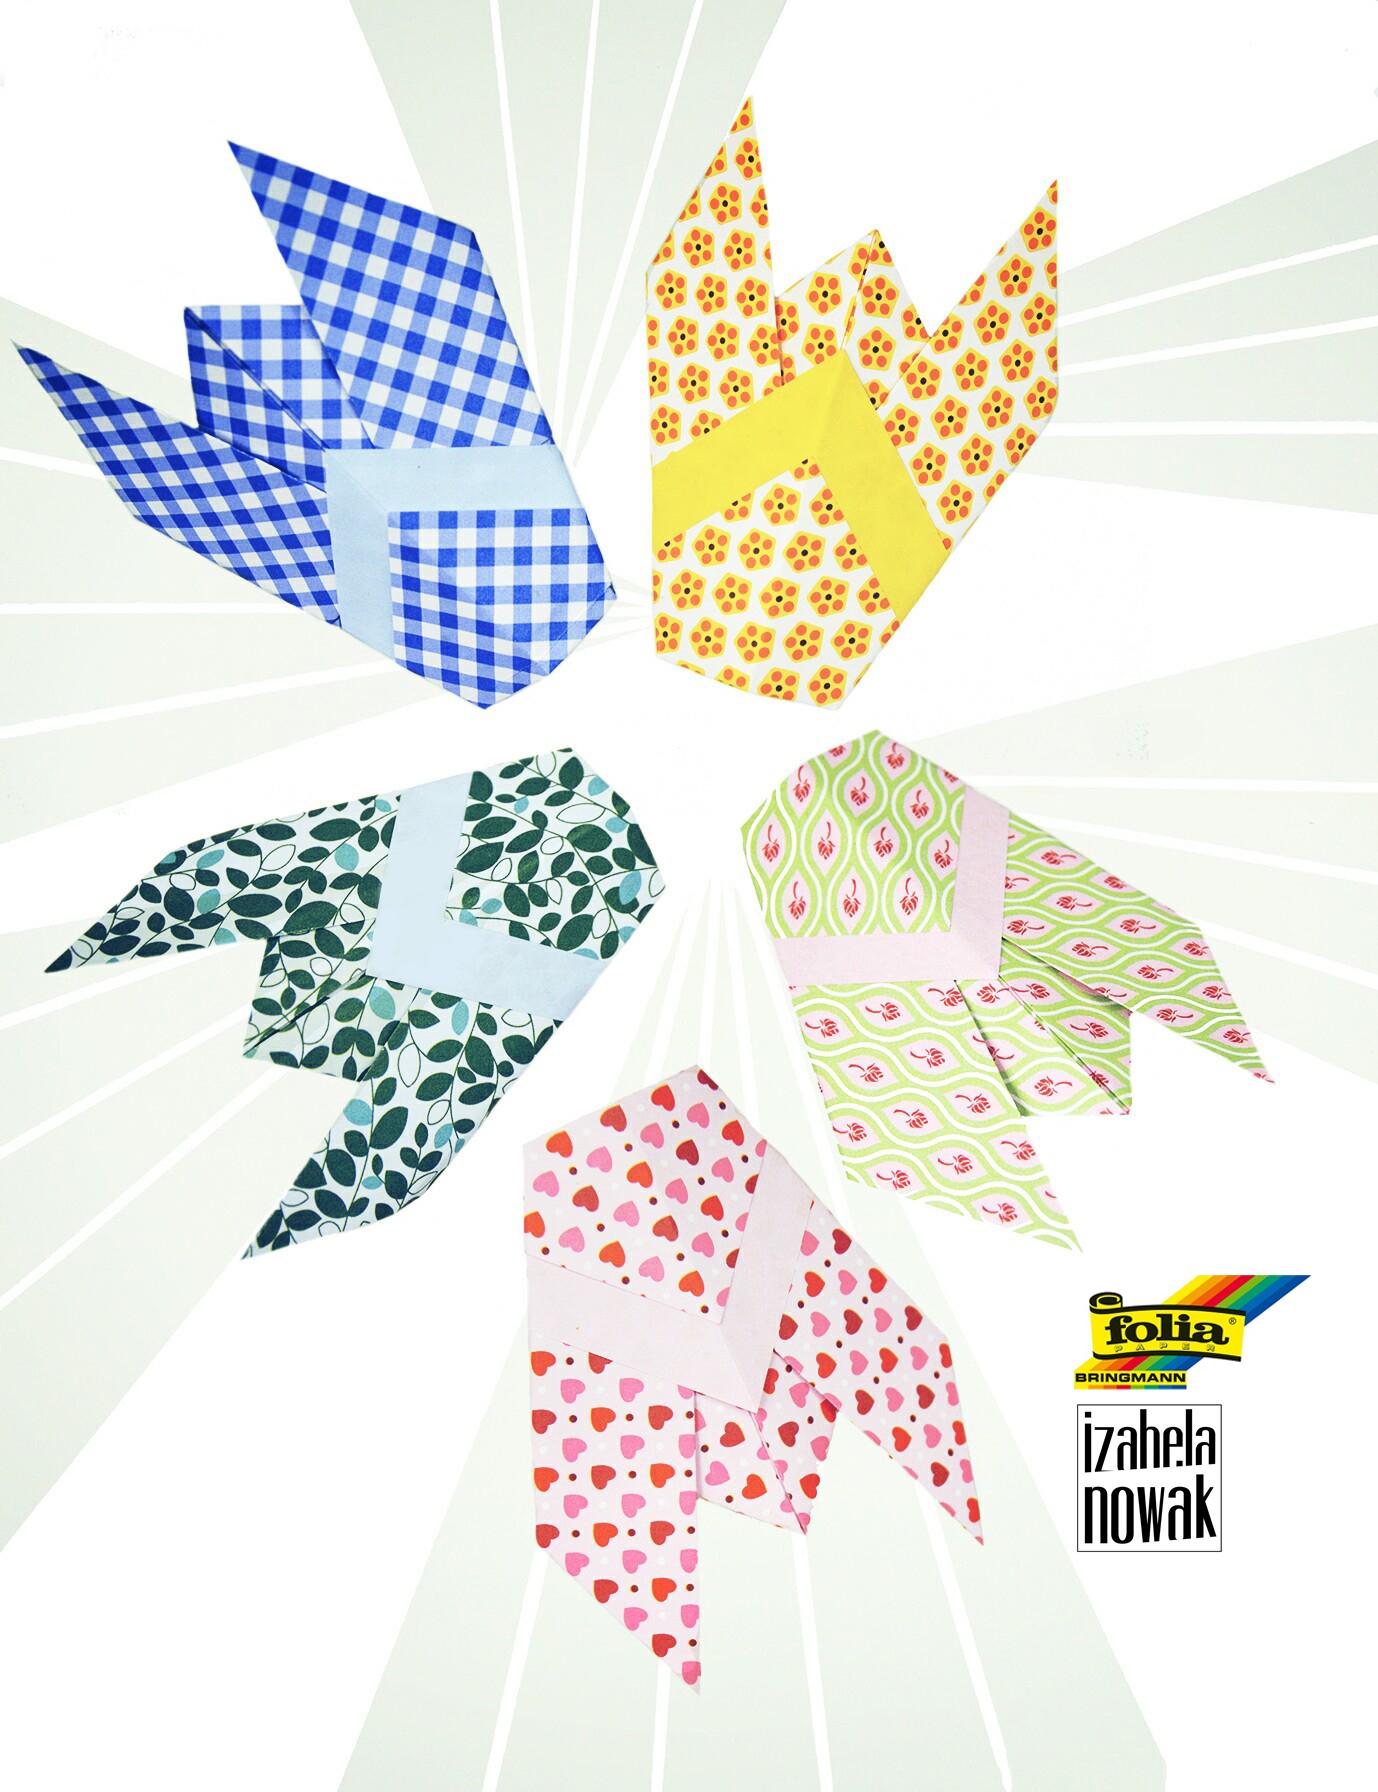 Origami_Izabela Nowak1